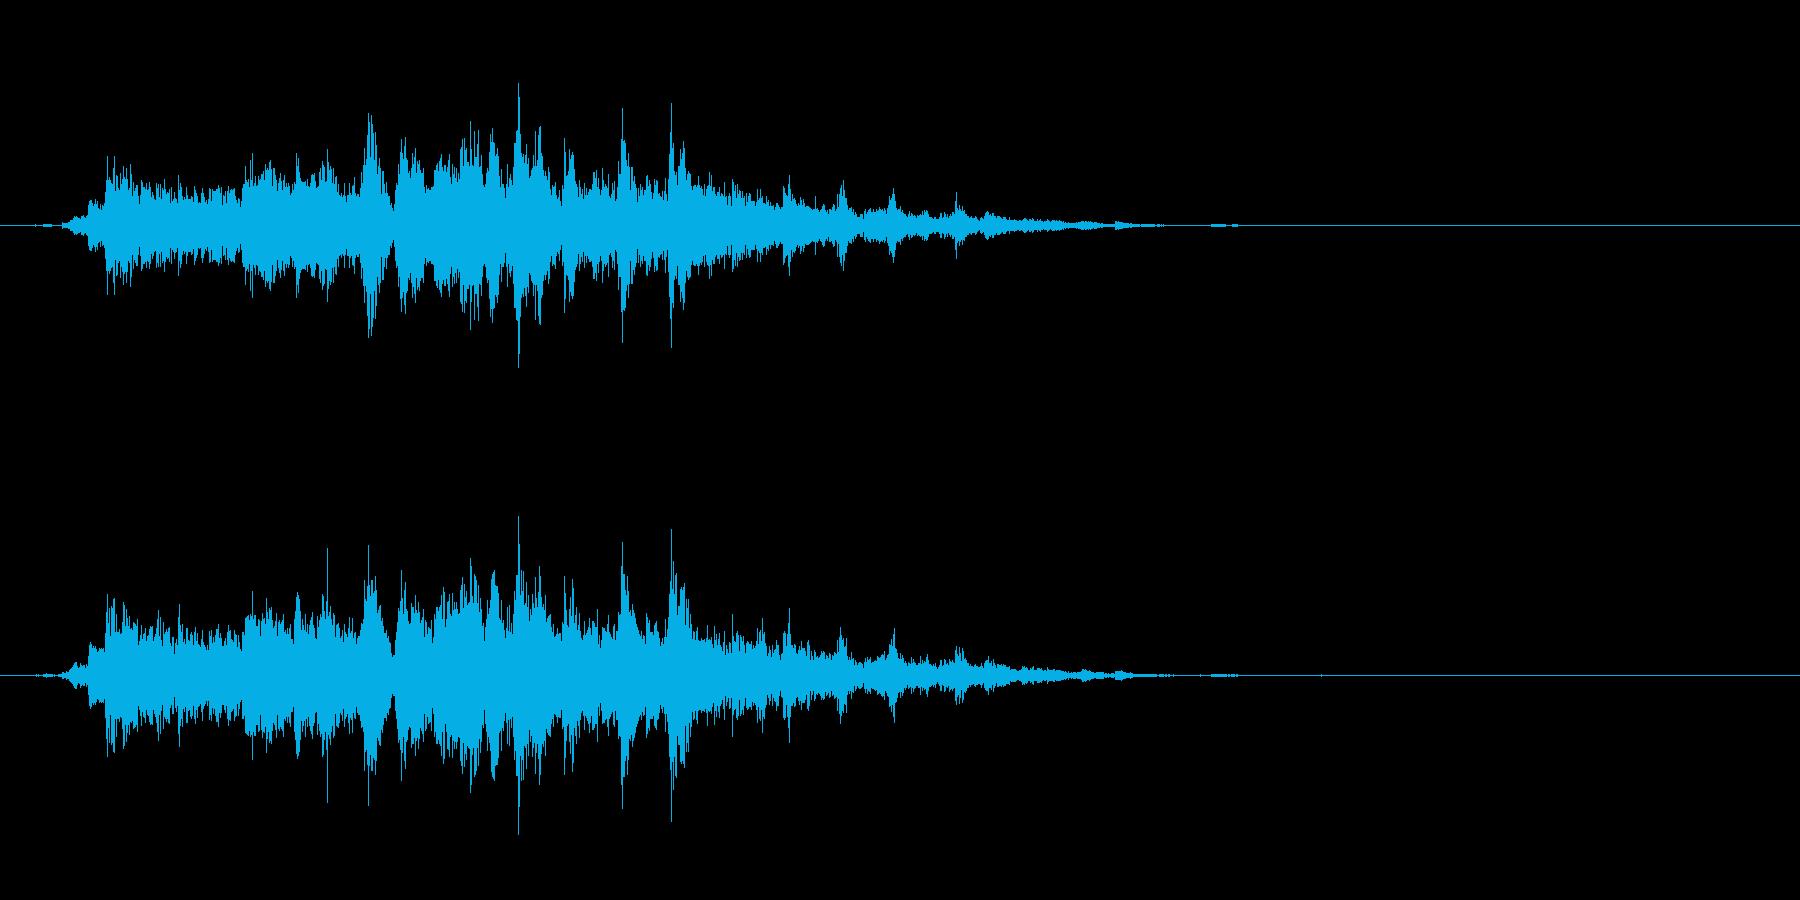 重めの鈴の音「えきろ」の単発音2の再生済みの波形